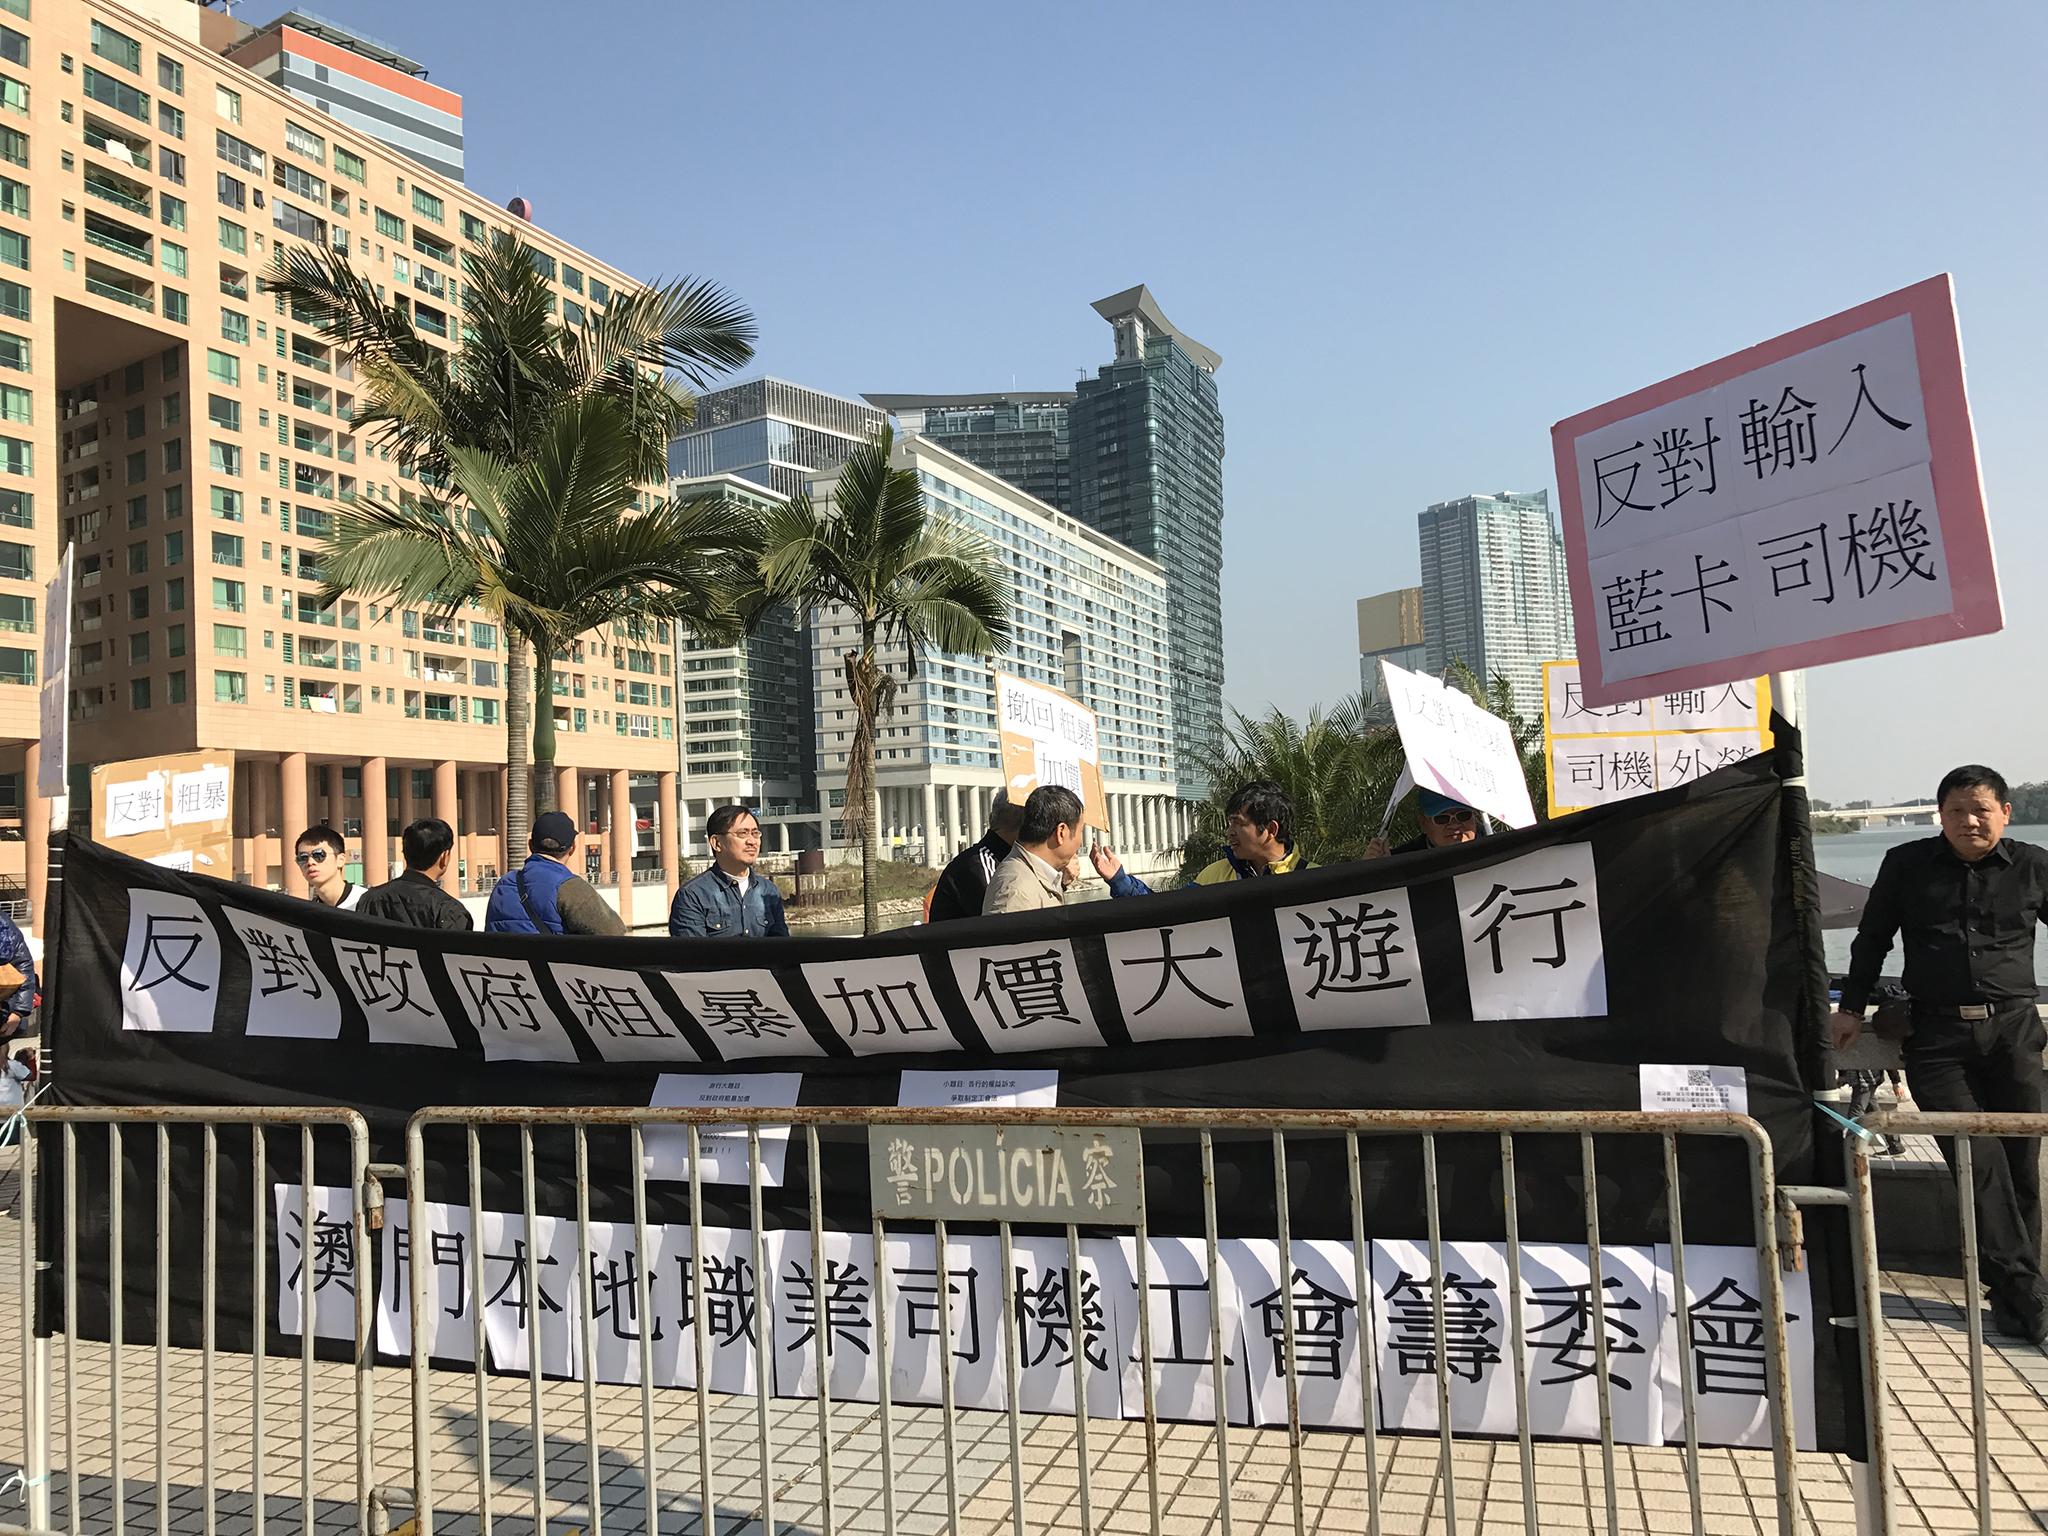 Manifestação | Motoristas protestam em frente da sede do Governo